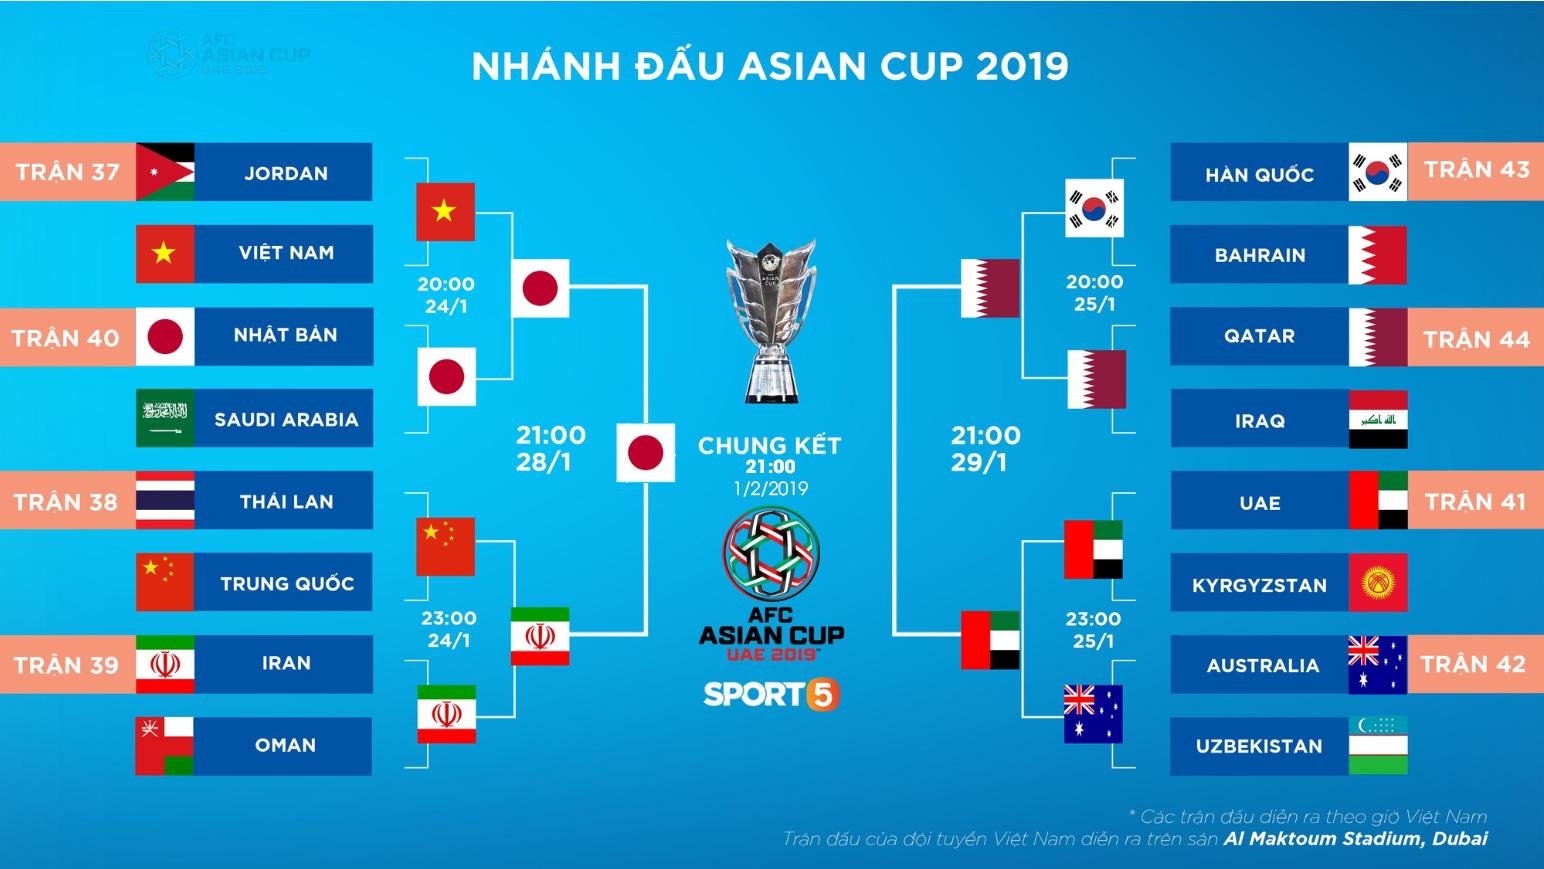 Lịch thi đấu Asian Cup hôm nay (29/1): Xác định nốt đội còn lại vào đá chung kết với Nhật Bản - Ảnh 2.